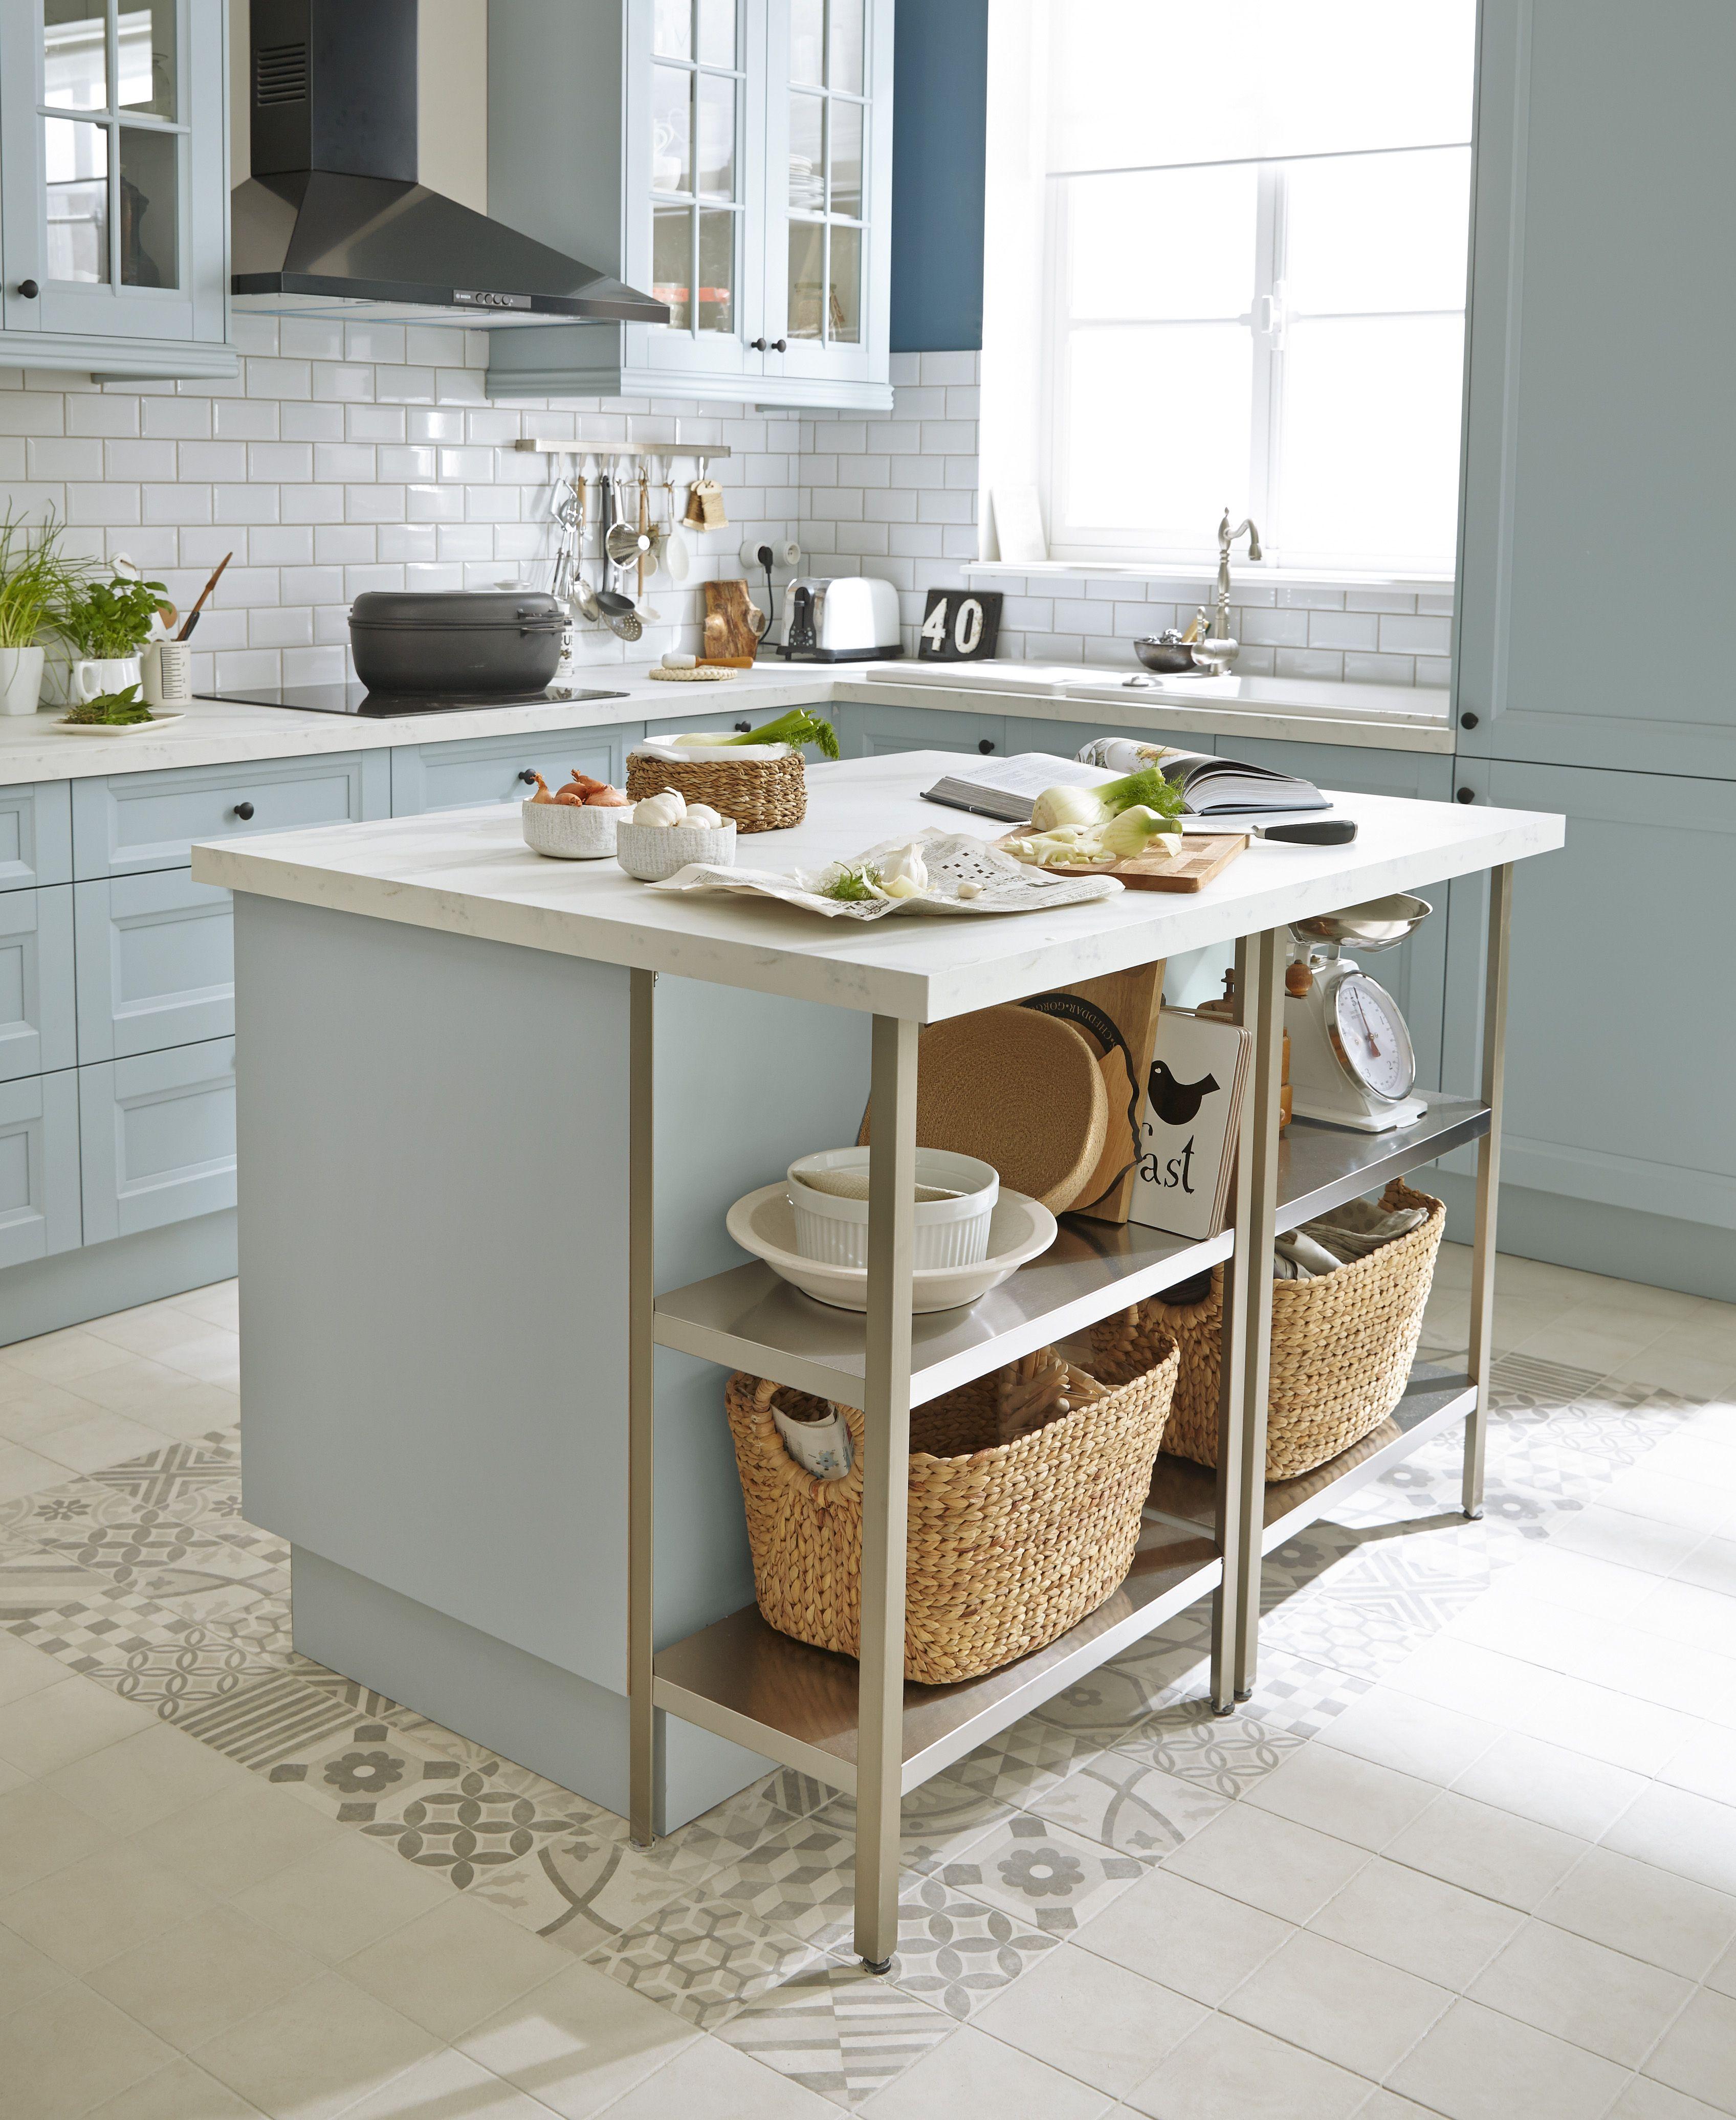 Une Cuisine Moderne Bleue Avec Ilot Central L Elegance A L Anglaise Modele Ashford Cuisine Moderne Meuble Cuisine Ilots Central Cuisine Cuisine Moderne